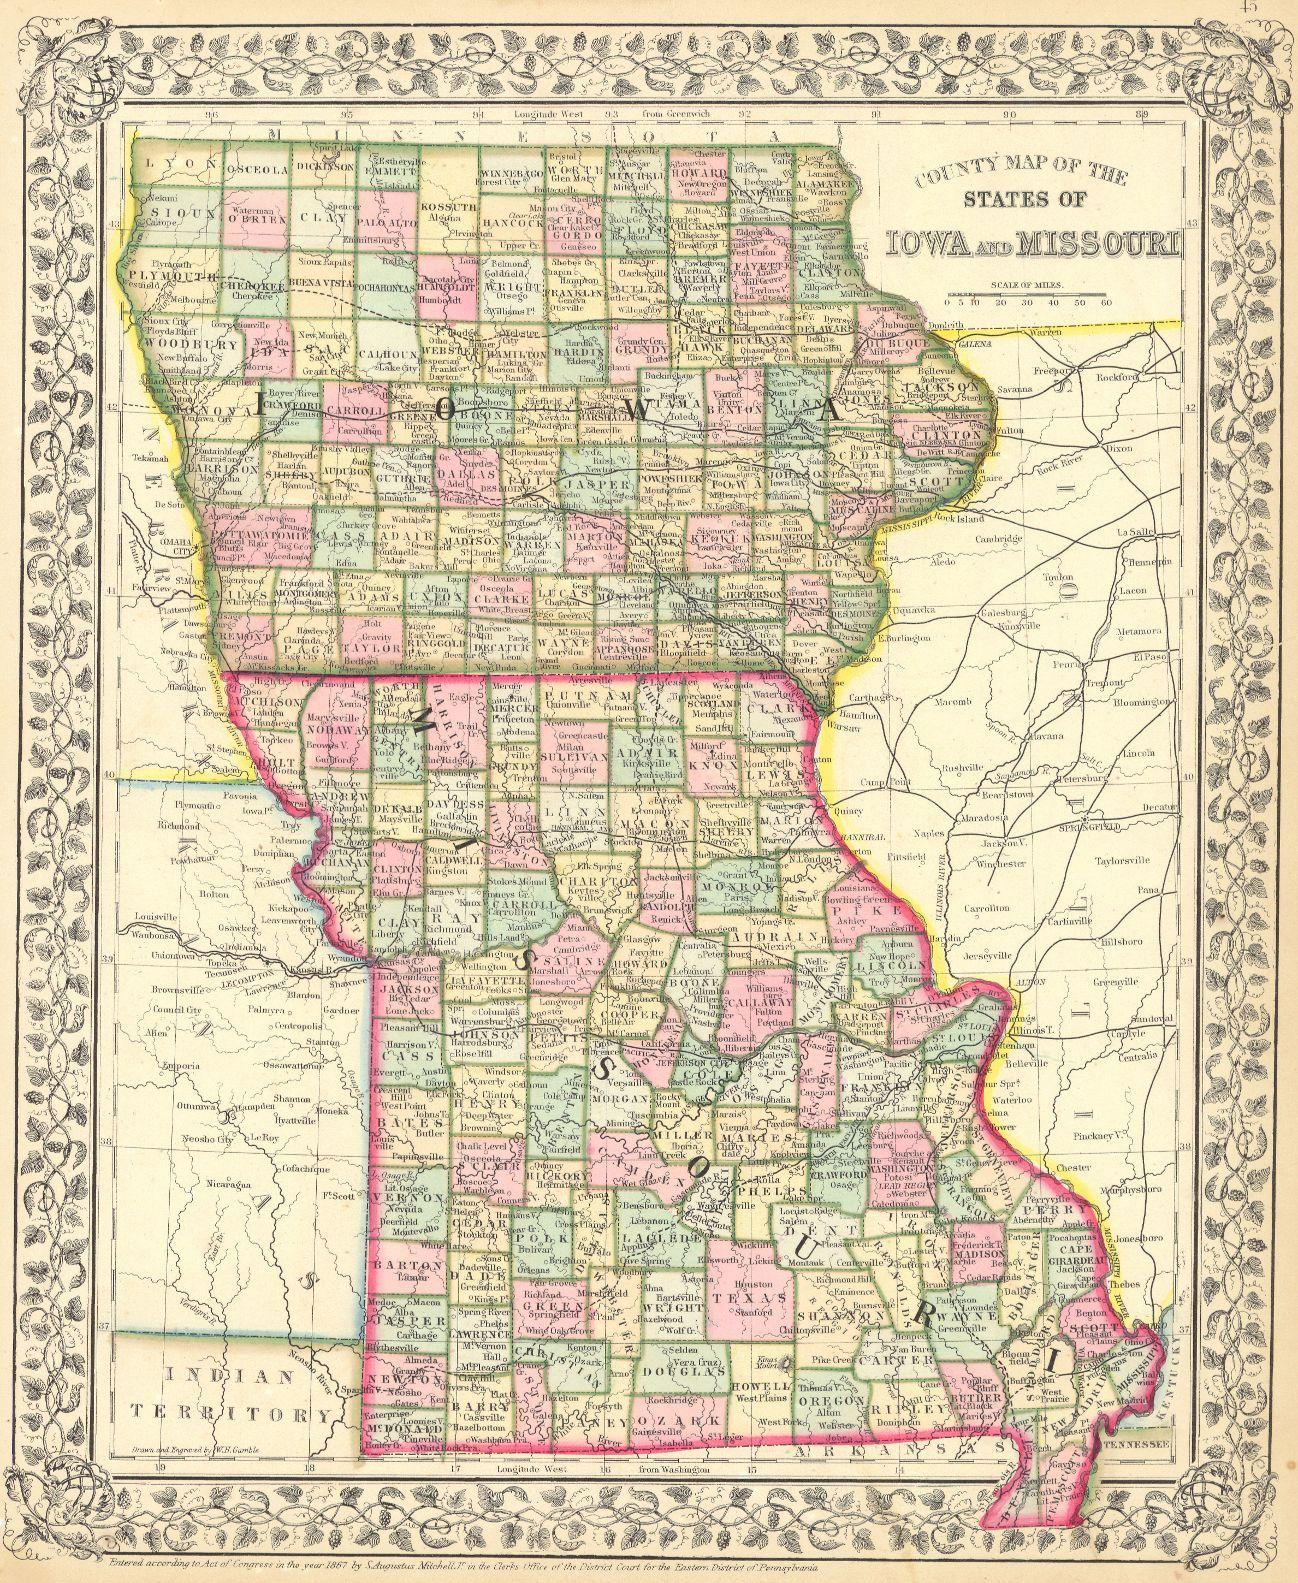 Iowa State Route Network Map Iowa Highways Map Cities Of Iowa